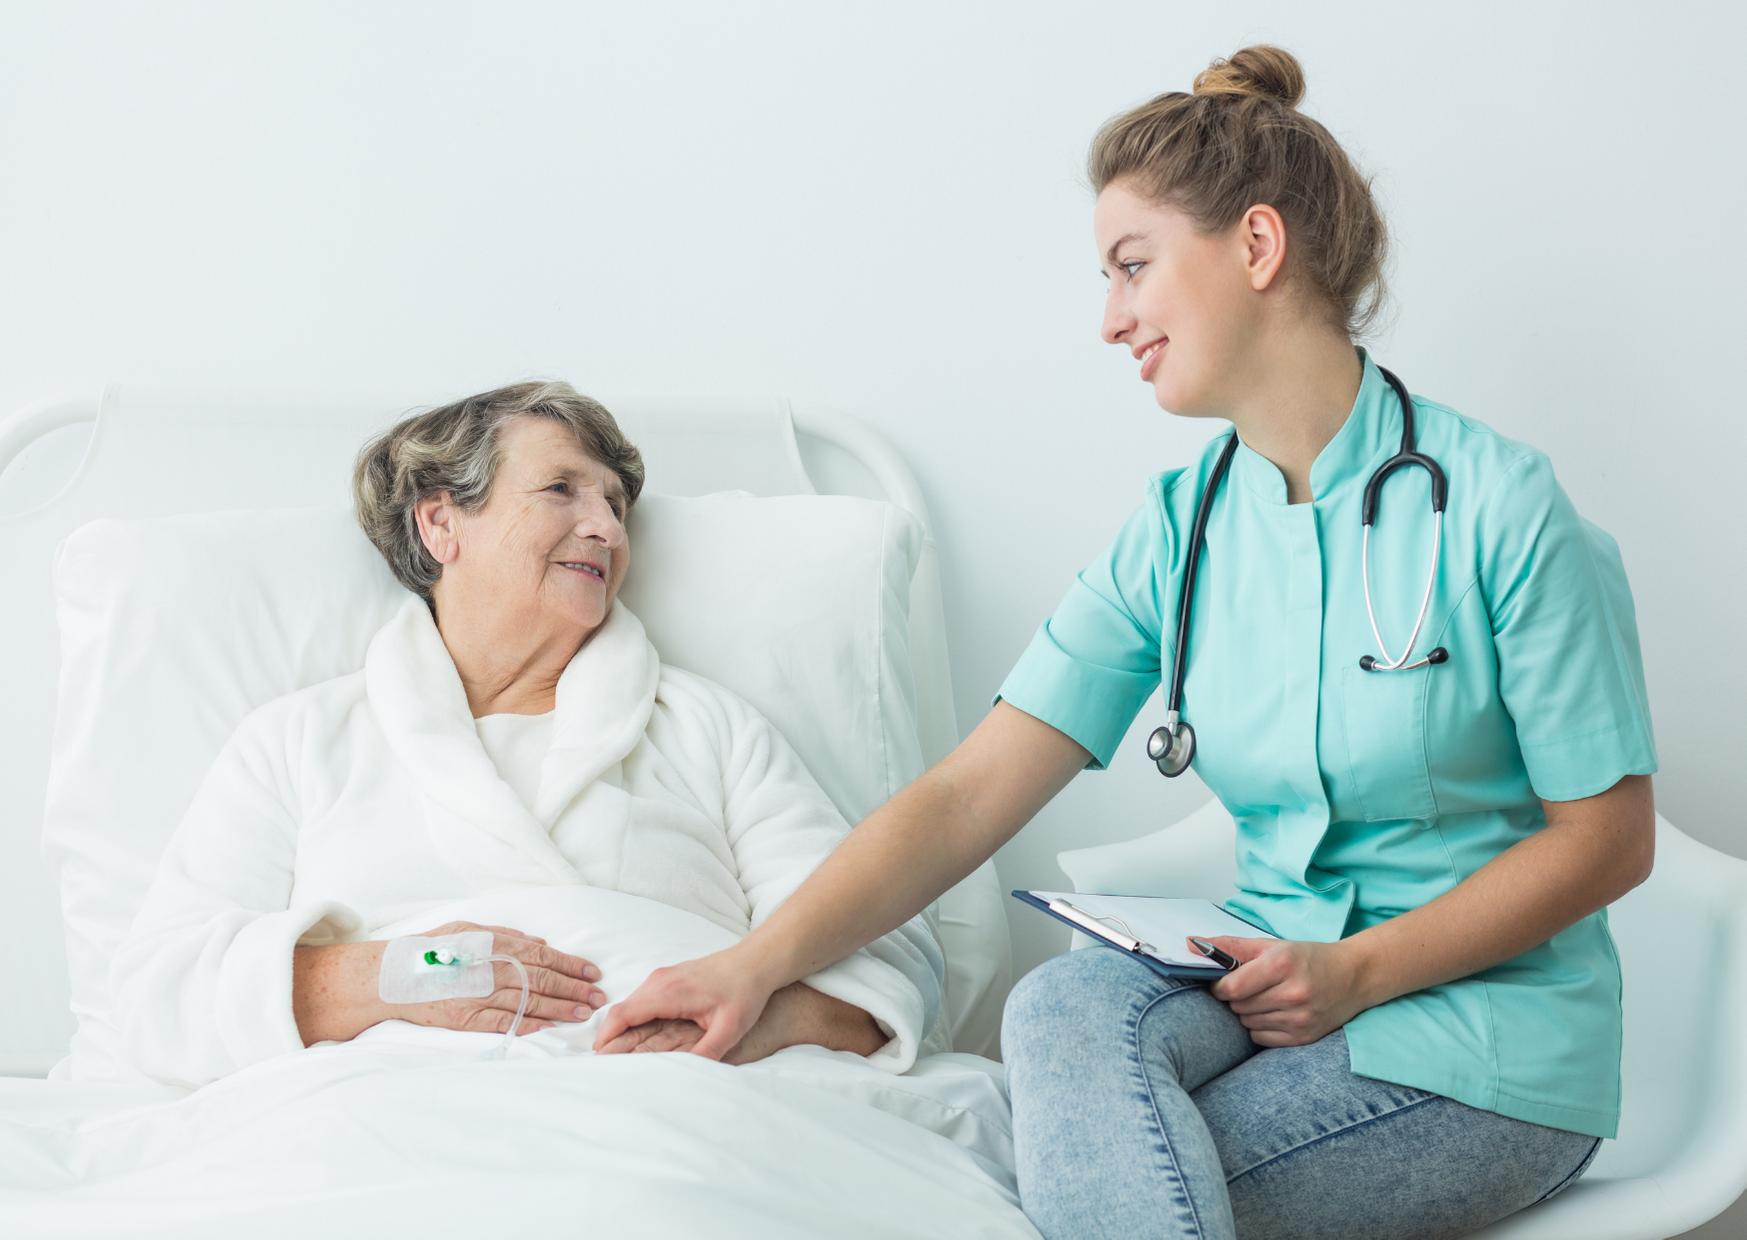 pielęgniarka trzymająca pacjentkę za rękę